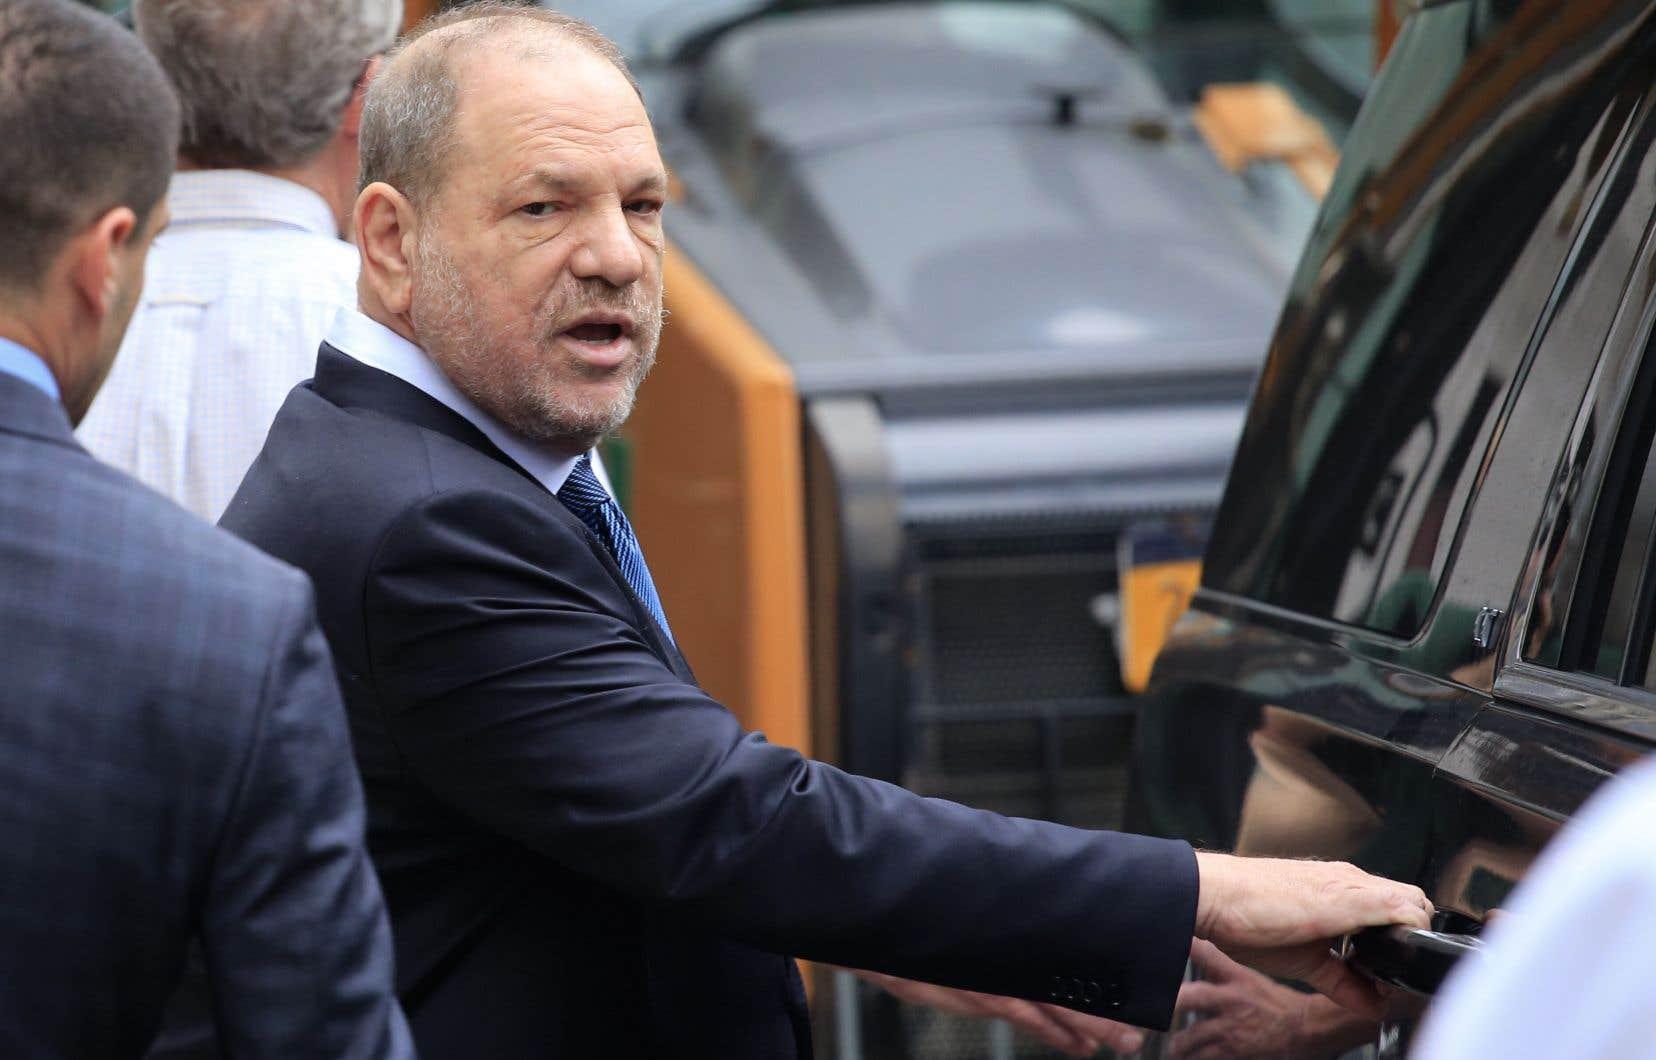 Le producteur Harvey Weinstein est visé par plusieurs poursuites pour harcèlement et agressions sexuels.